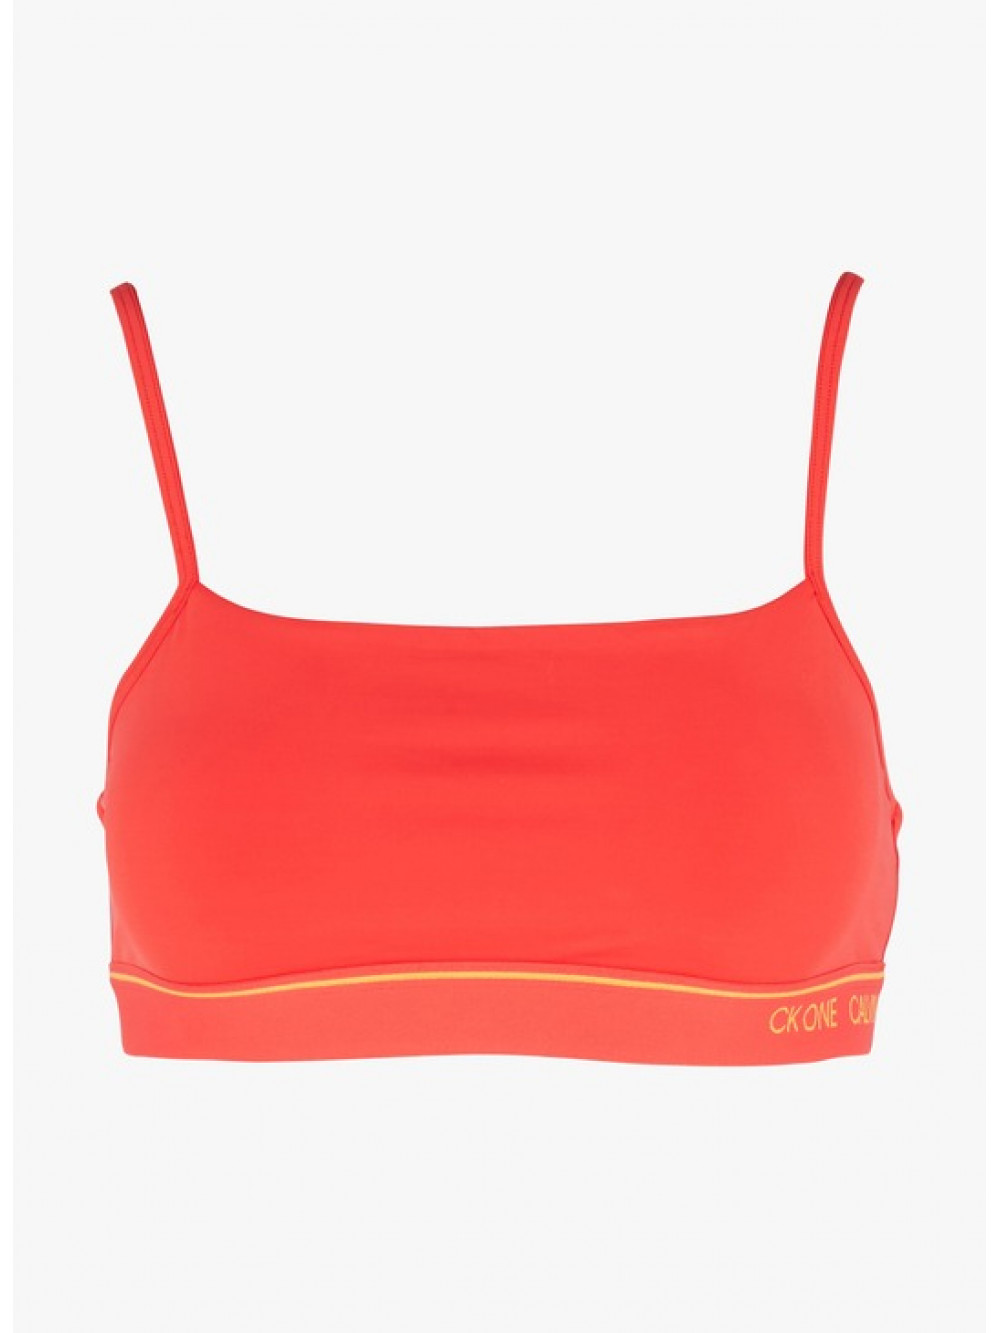 Női sportmelltartó Calvin Klein CK ONE Unlined Bra piros